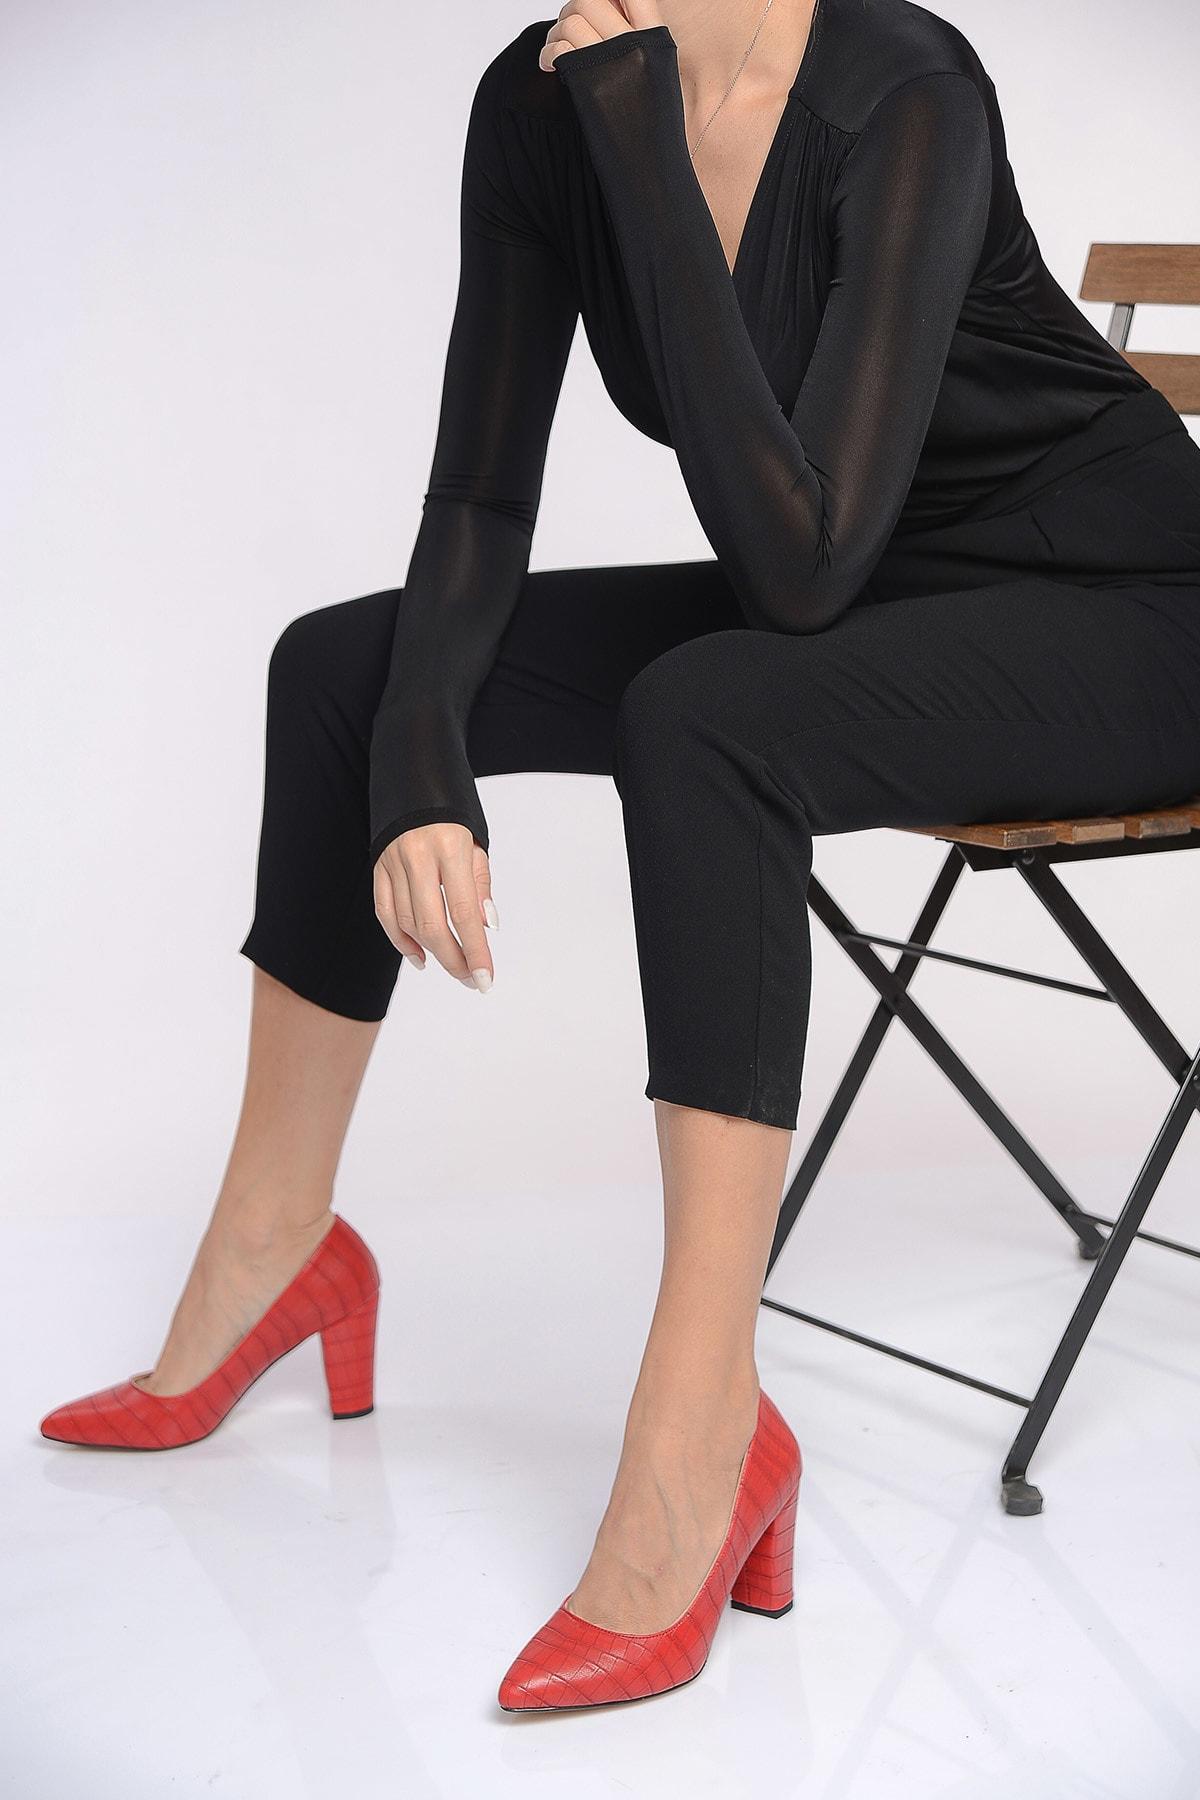 Shoes Time Kırmızı Kadın Topuklu Ayakkabı 19K 207 2